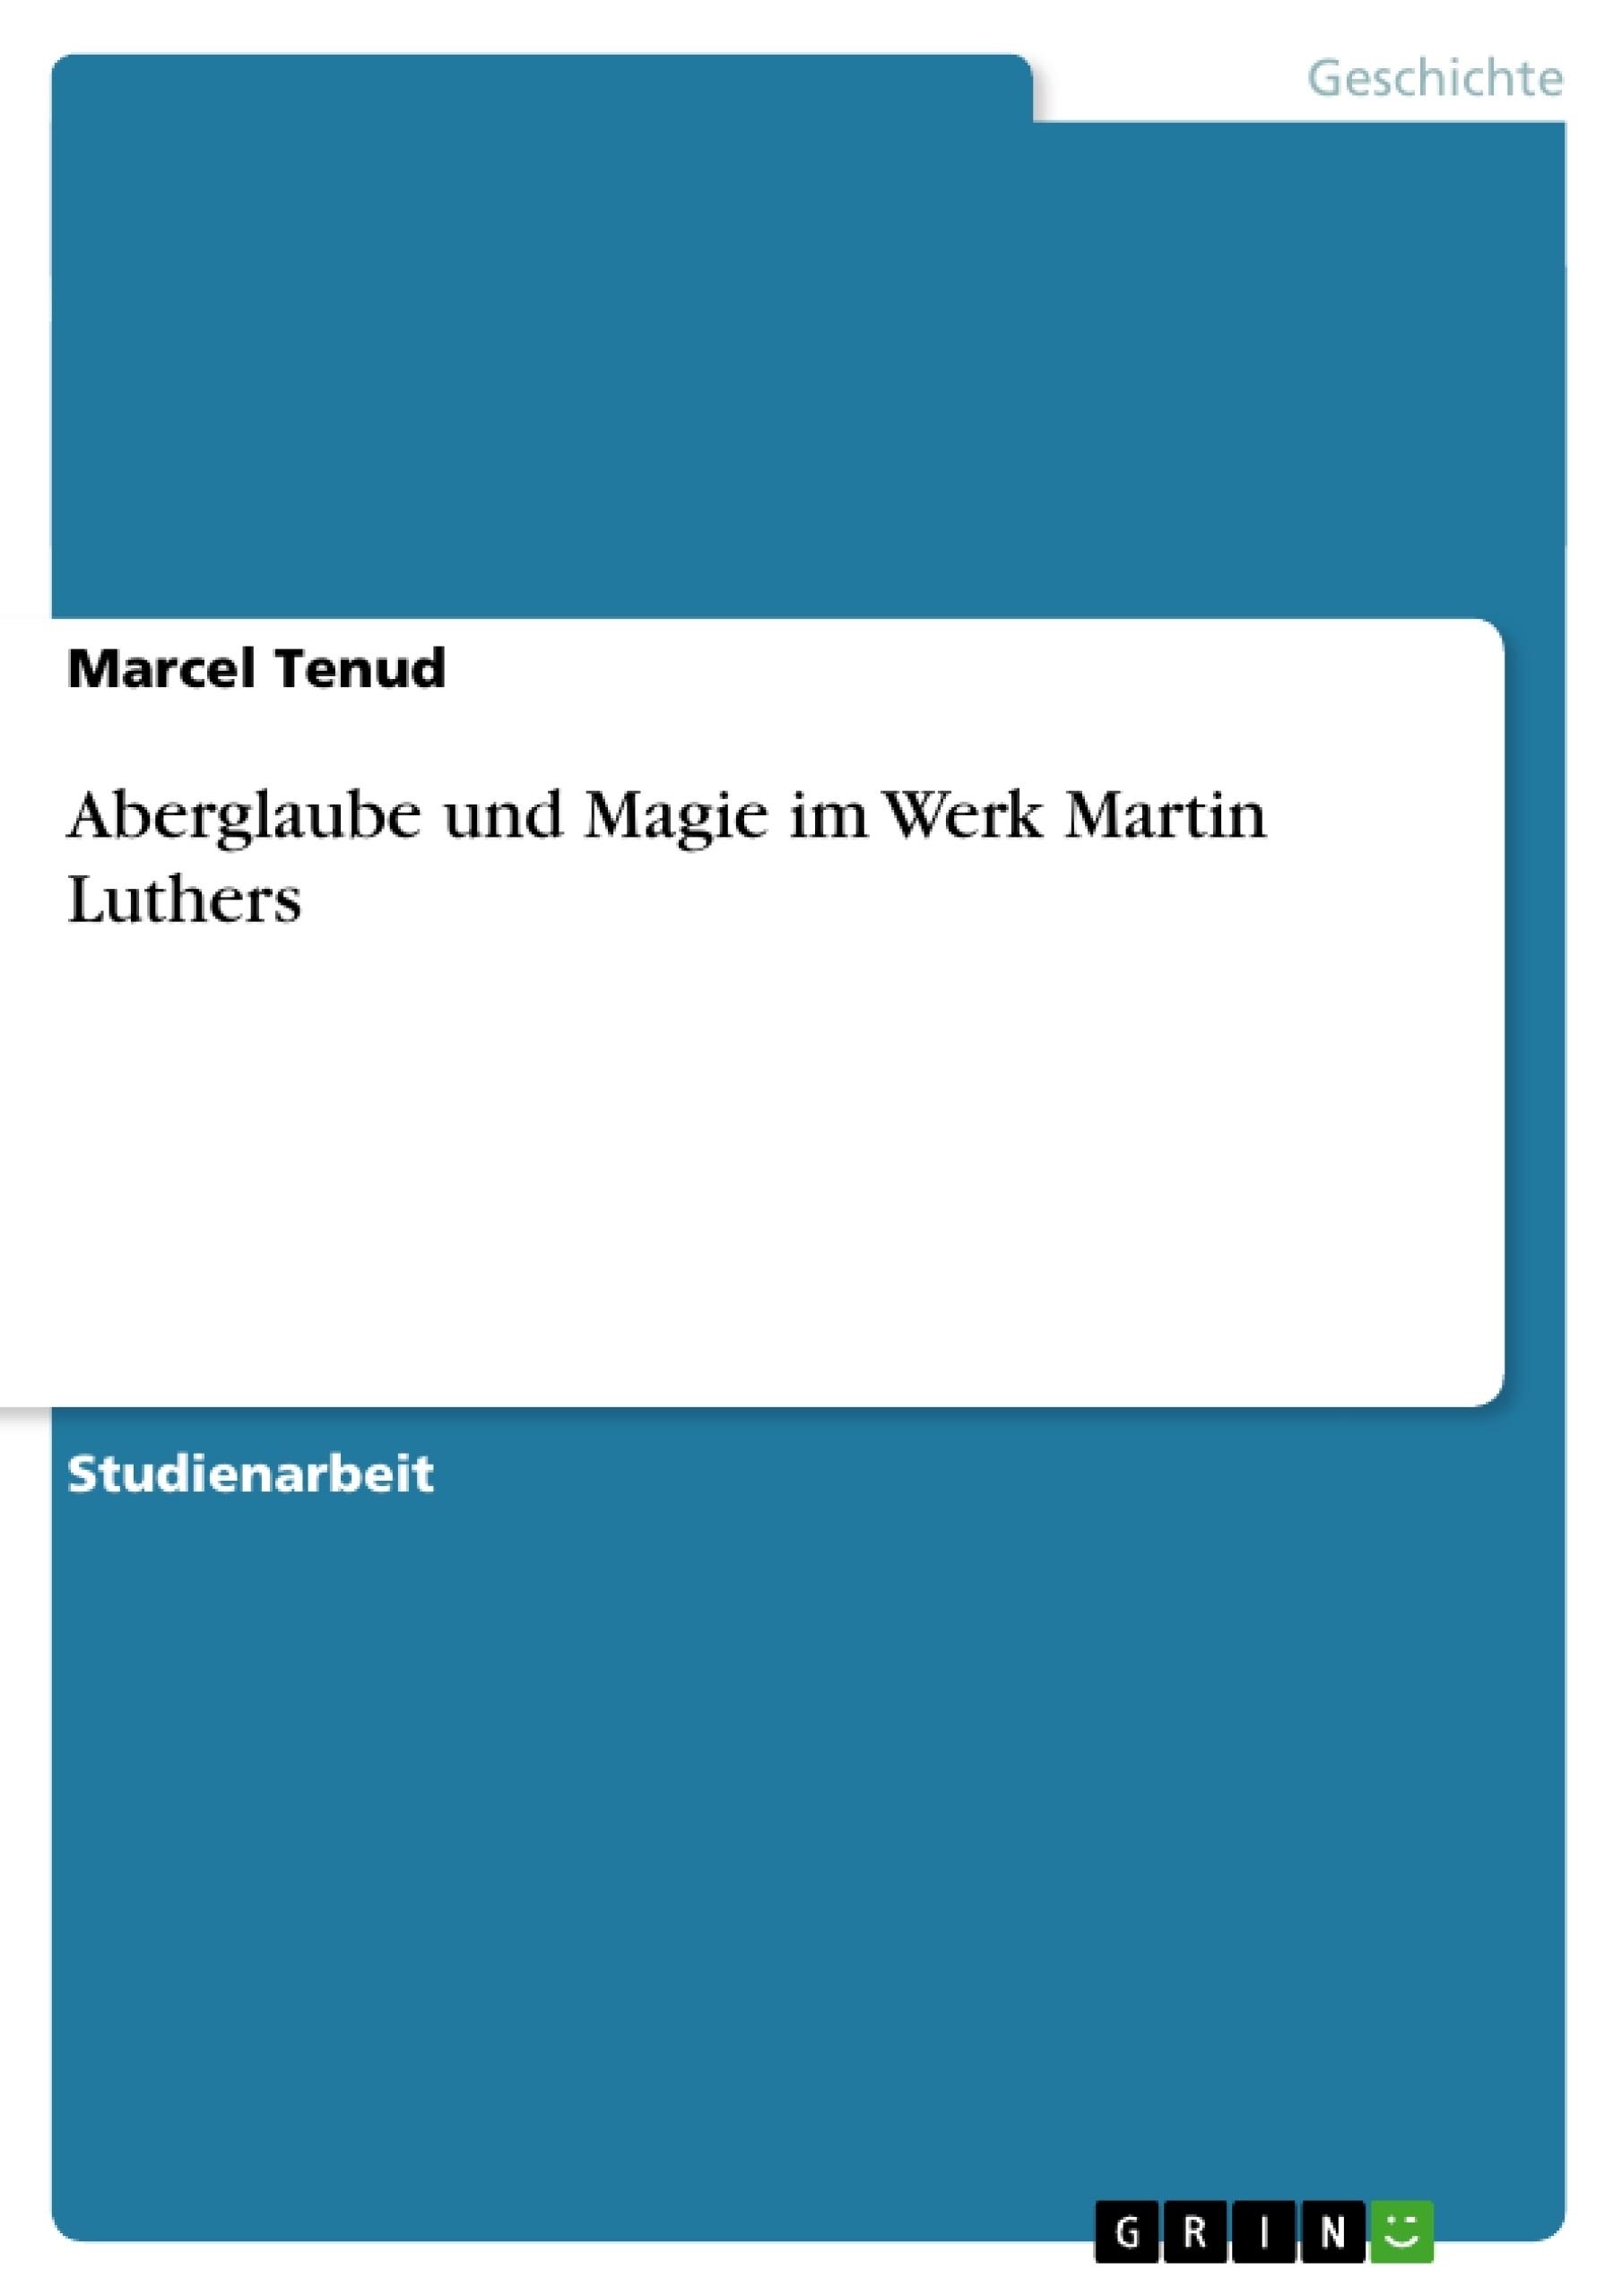 Titel: Aberglaube und Magie im Werk Martin Luthers